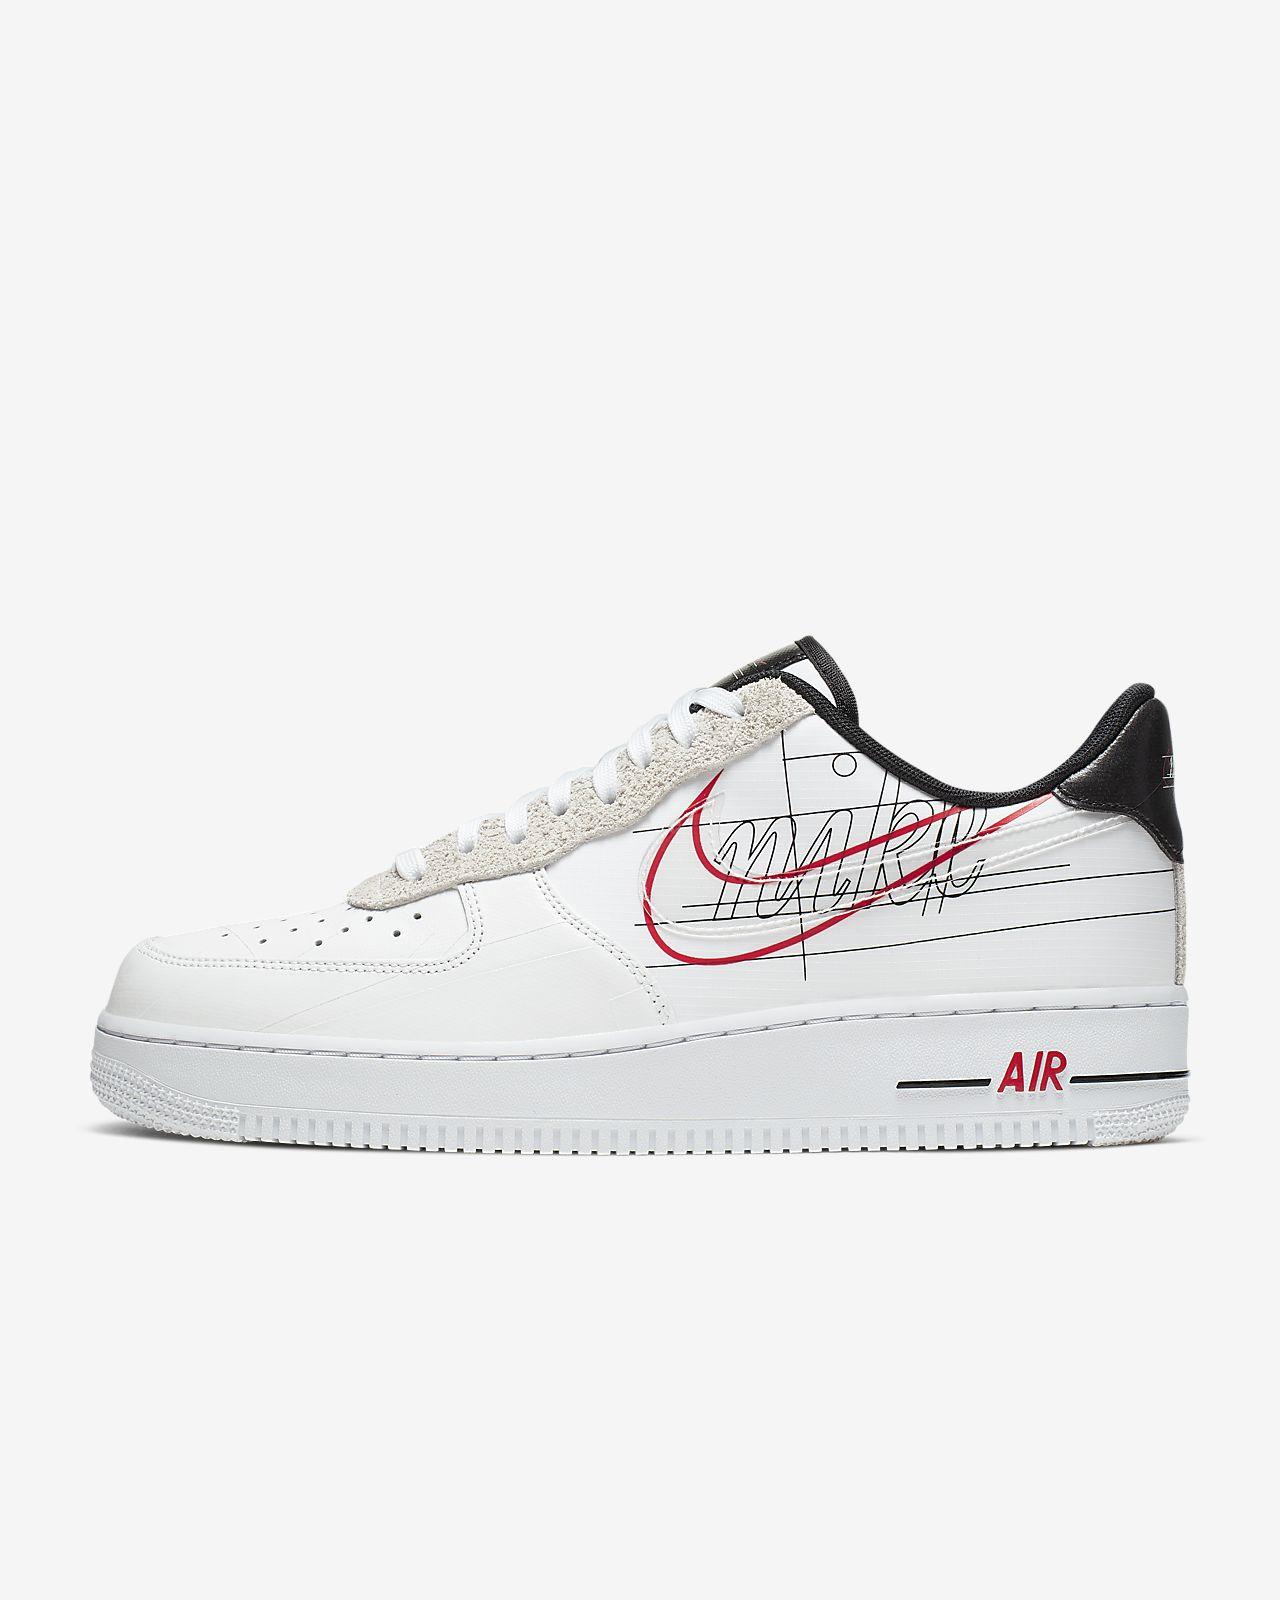 Schlussverkauf Einkaufen neueste Art von Nike Air Force 1 '07 LV8 Herrenschuh